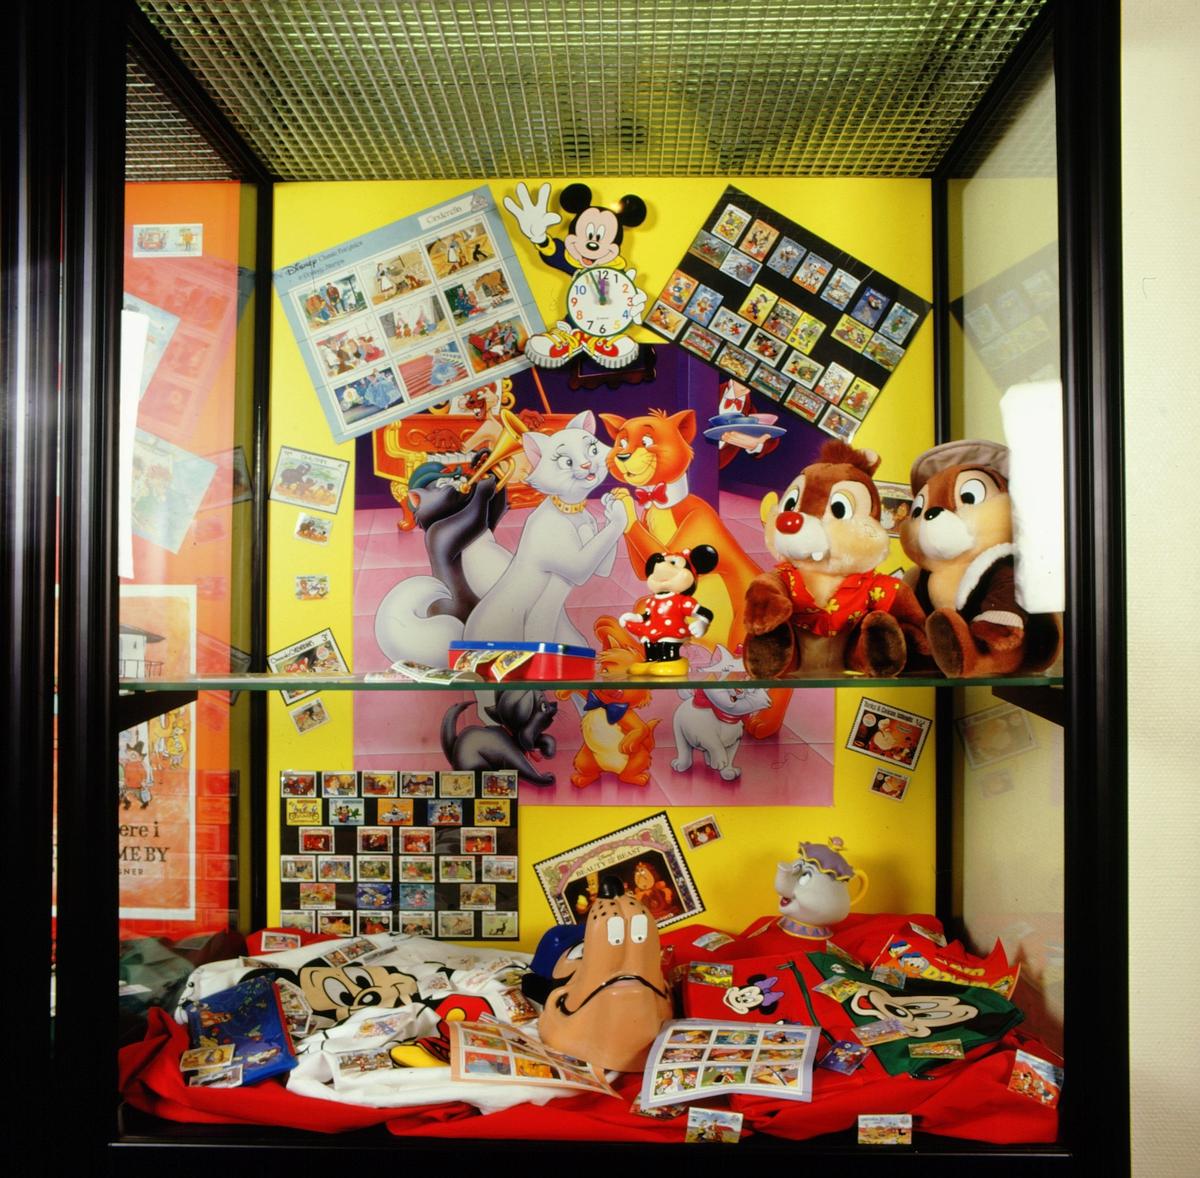 postmuseet, Kirkegata 20, utstilling, frimerker, tegneseriefigurer i monter og på frimerker